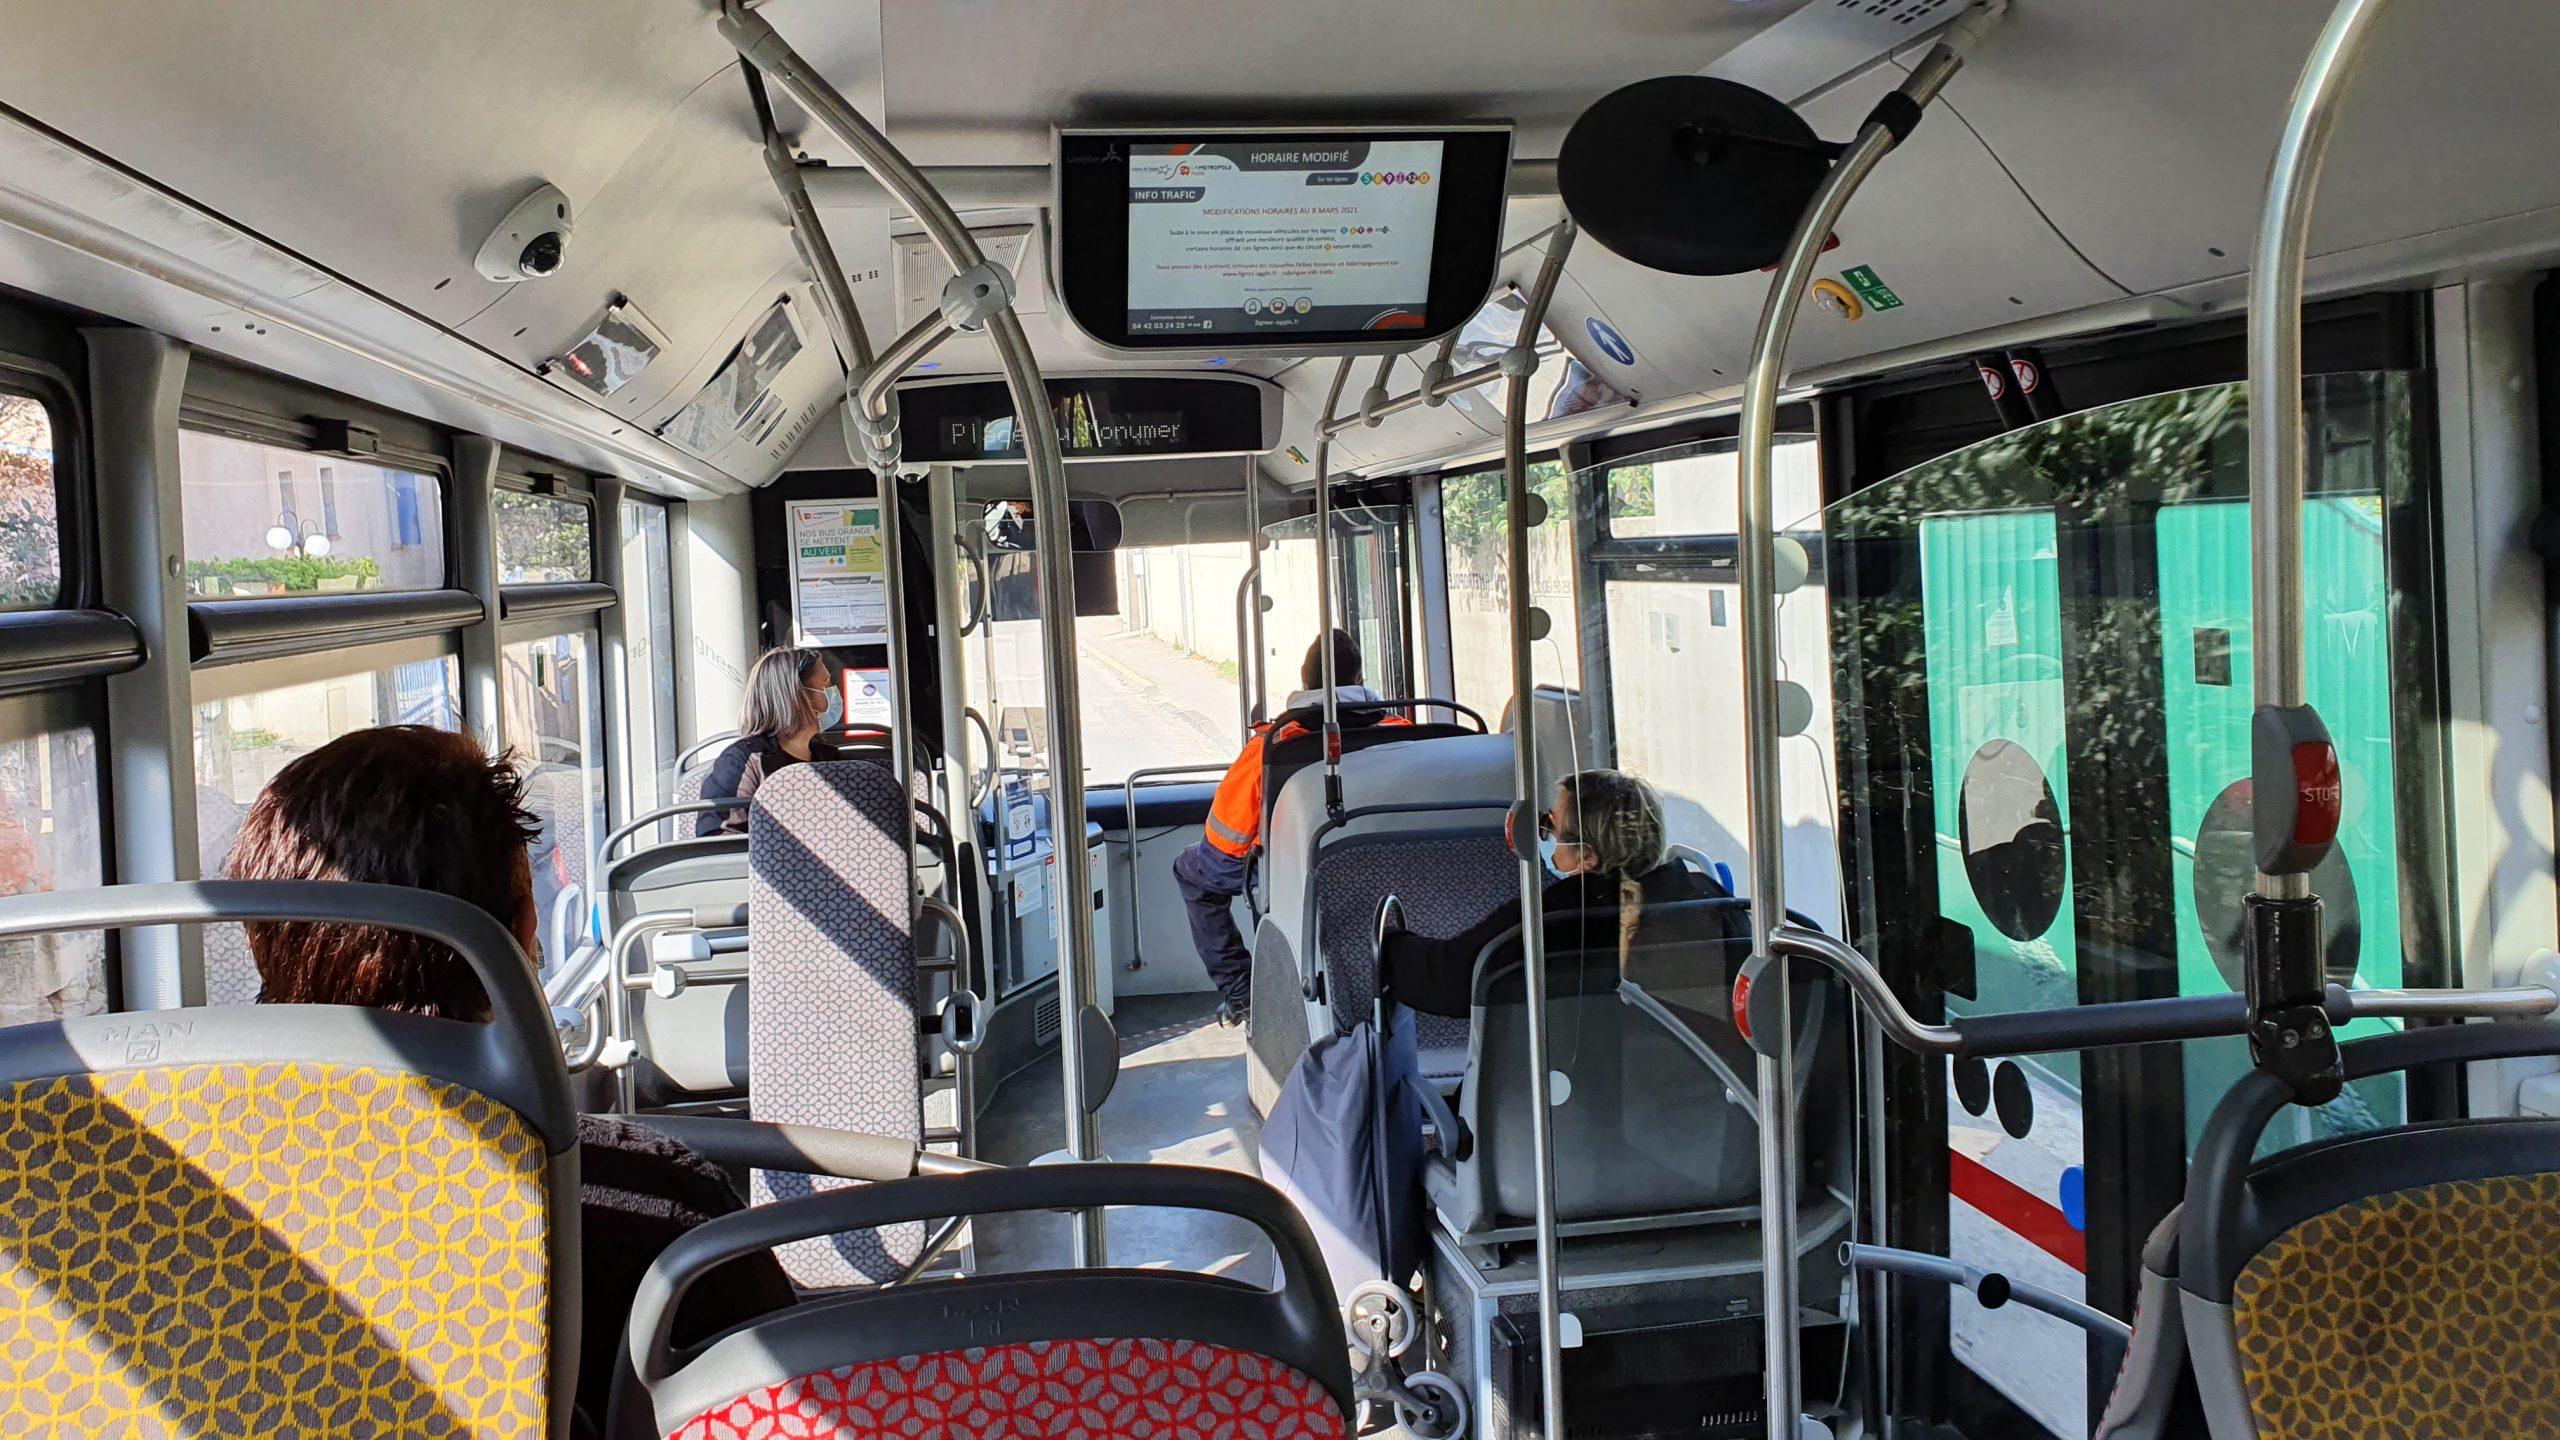 Caméra de surveillance dans les bus